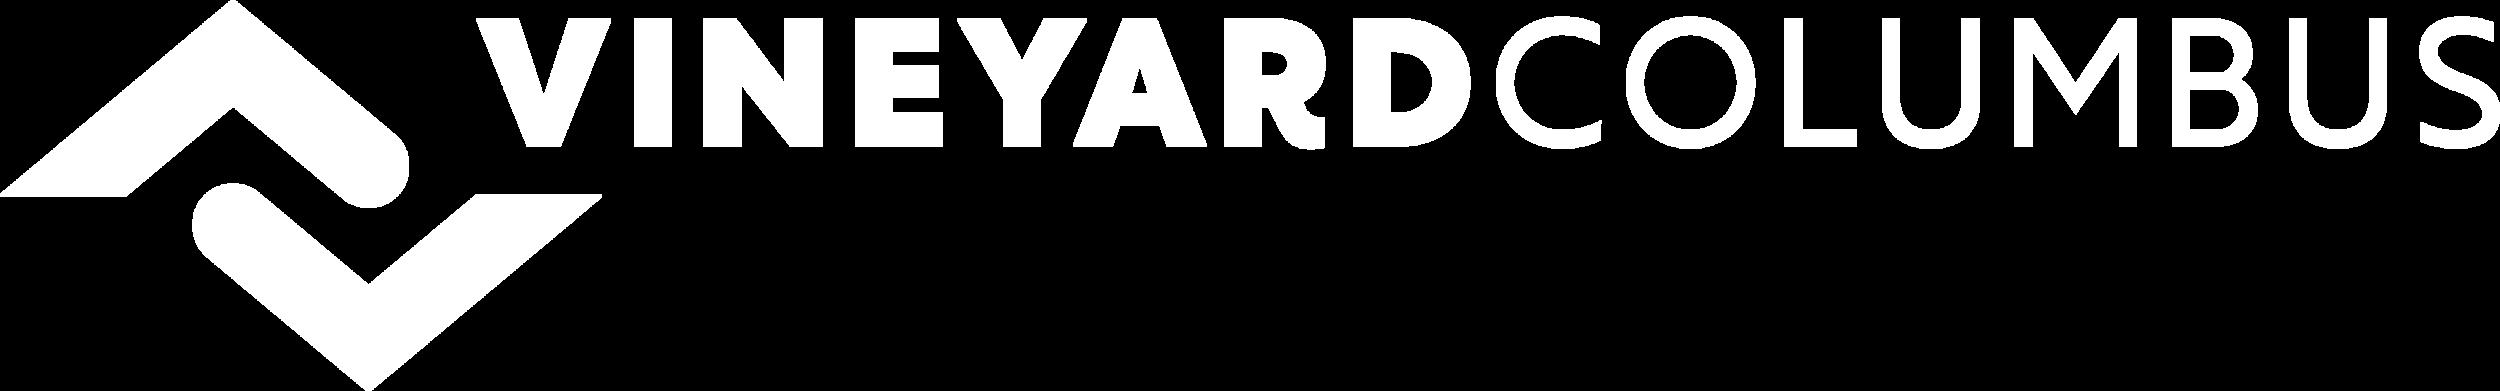 VC_Logo_H_White.png